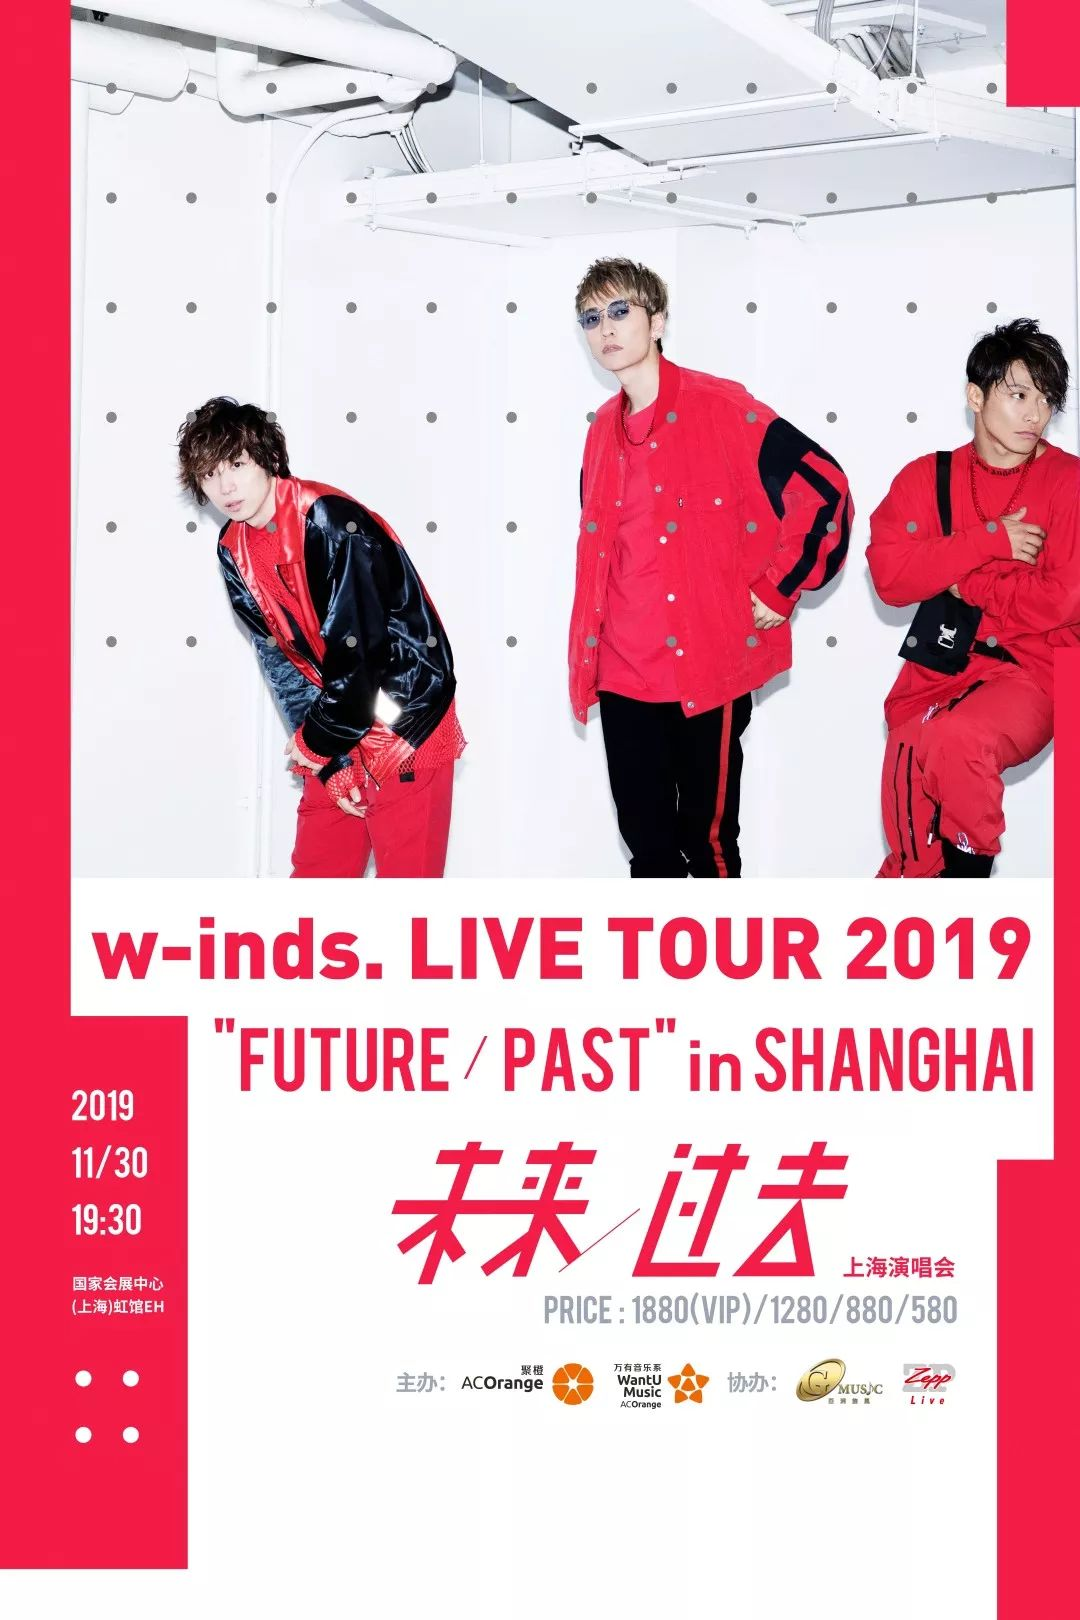 全網預售 | w-inds. 2019演唱會上海站,未來有你·過去仍在!